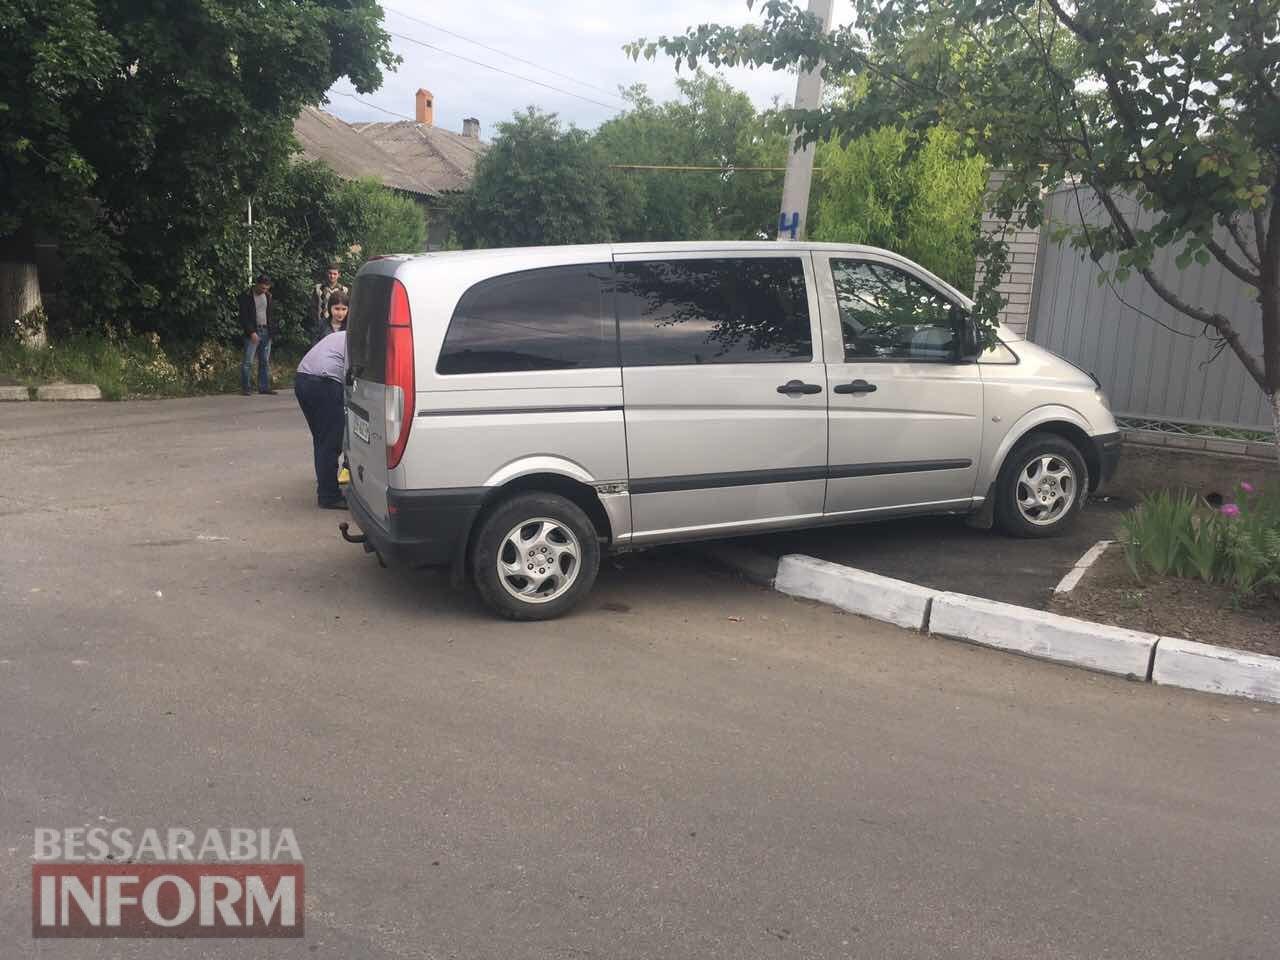 """В Измаиле очередное игнорирование знака """"Уступить дорогу"""" привело к ДТП"""